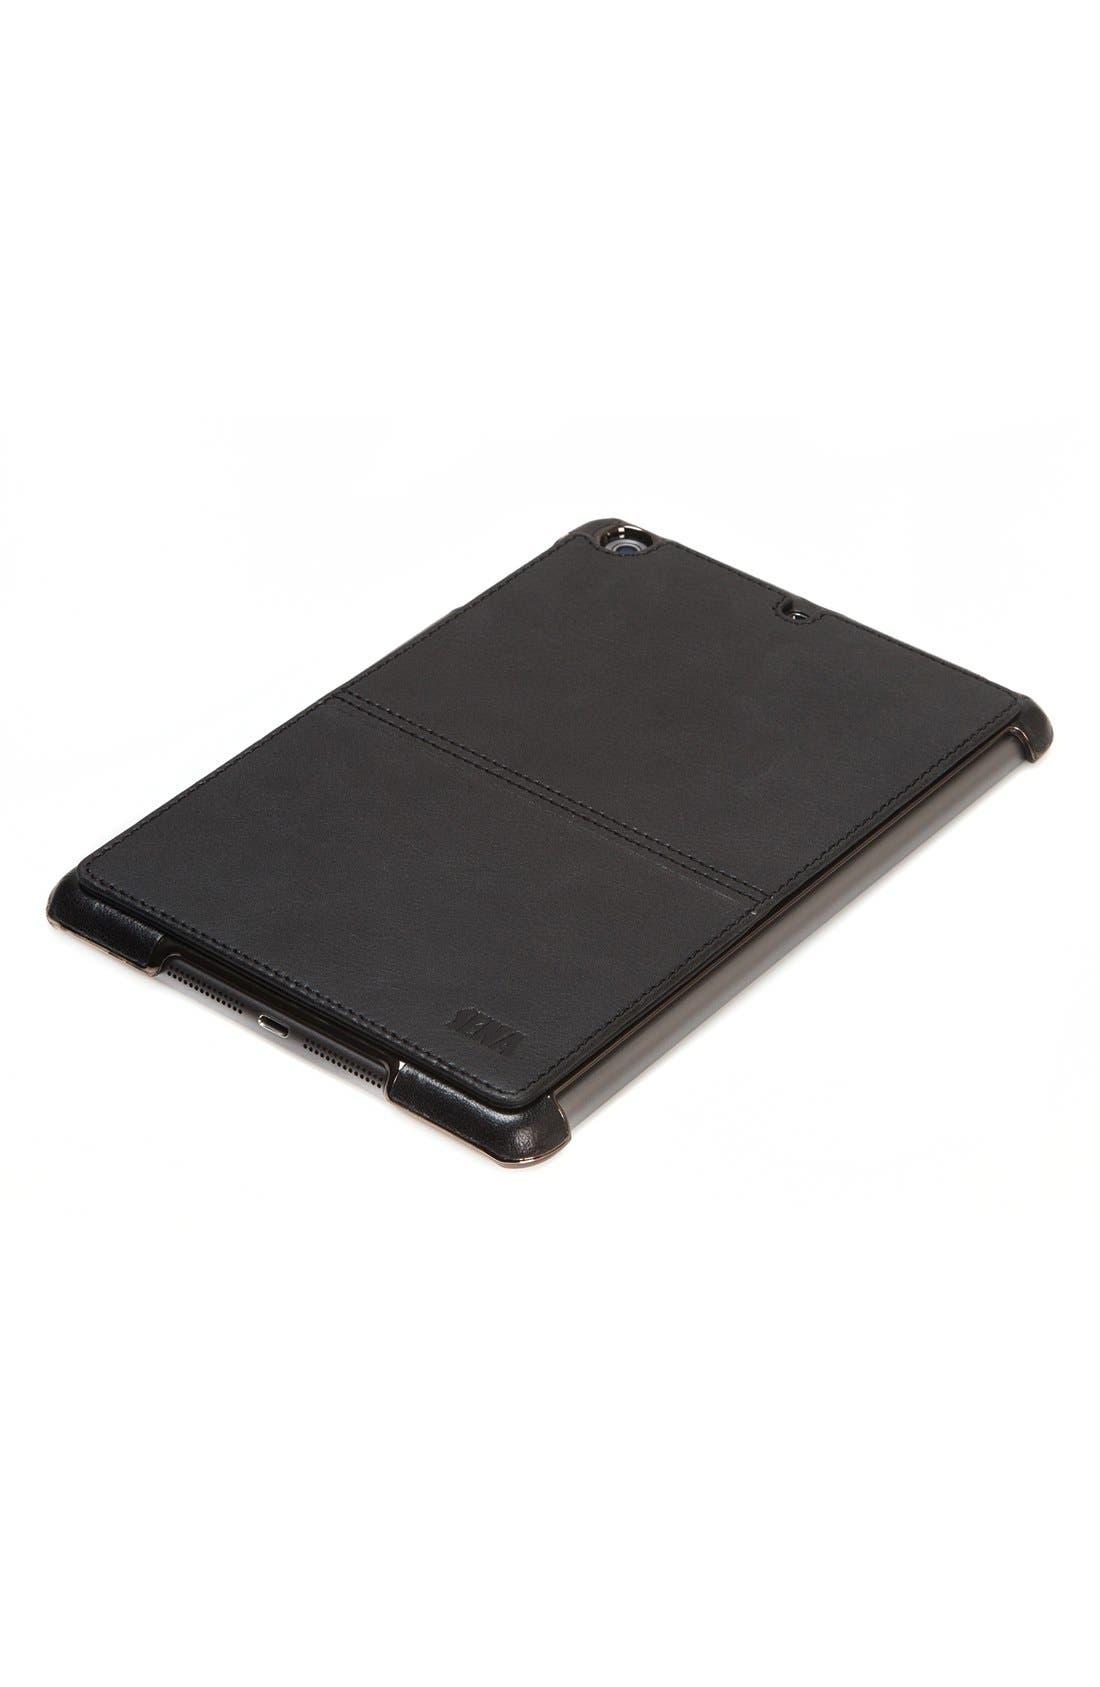 Sena 'Heritage' iPad mini Stand